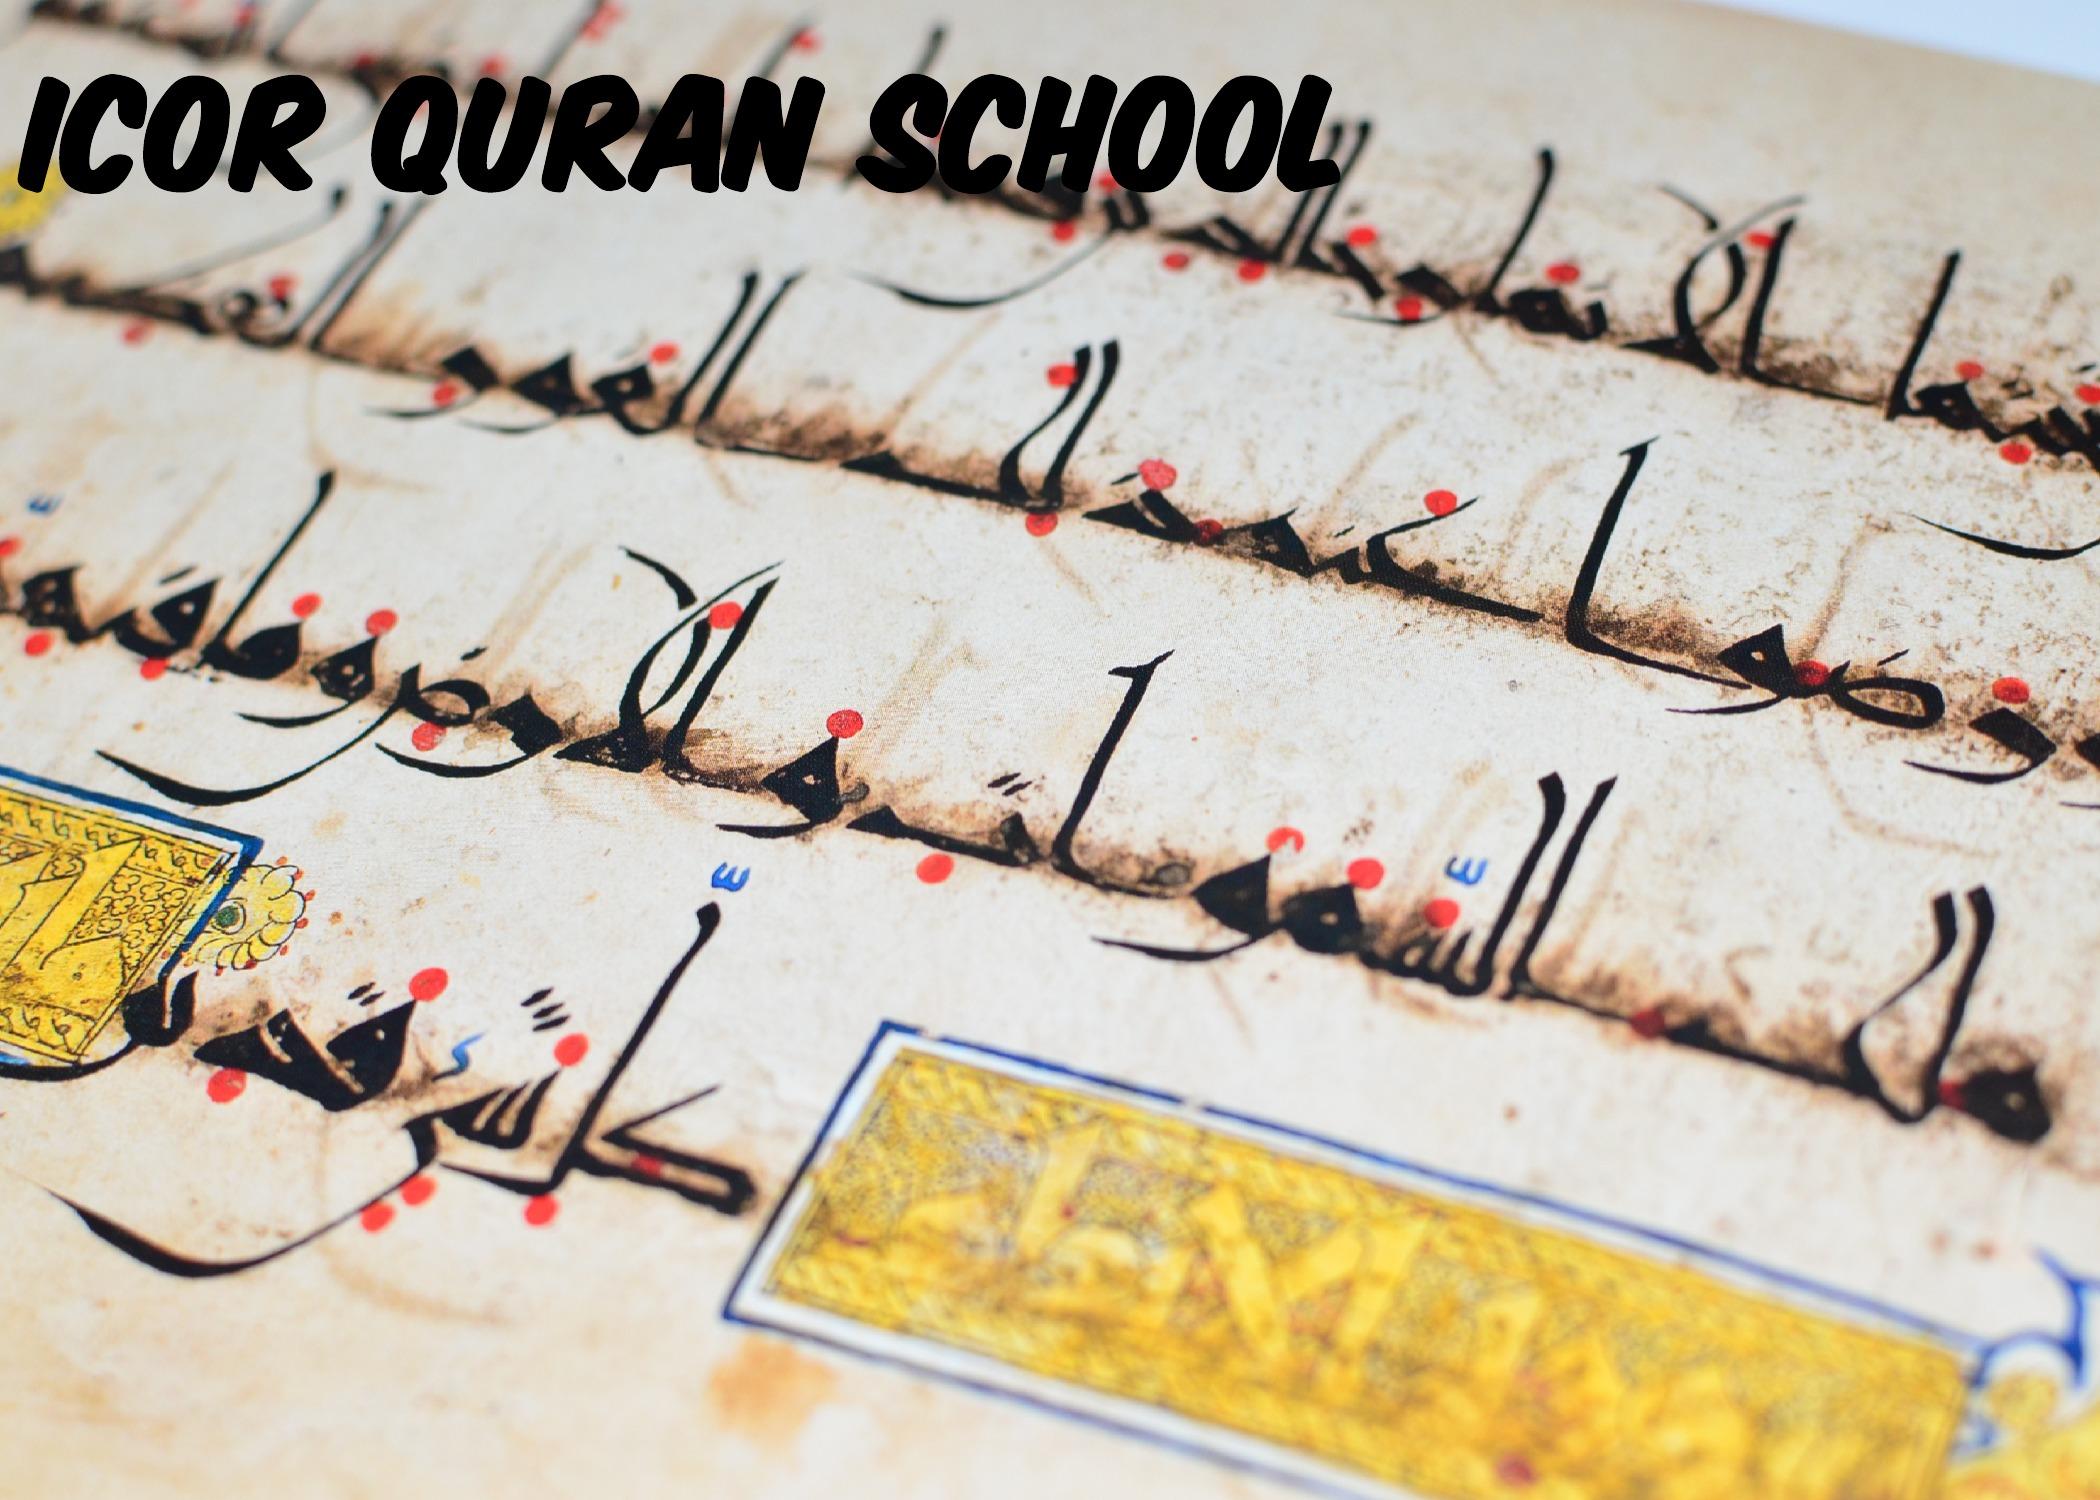 Quran school